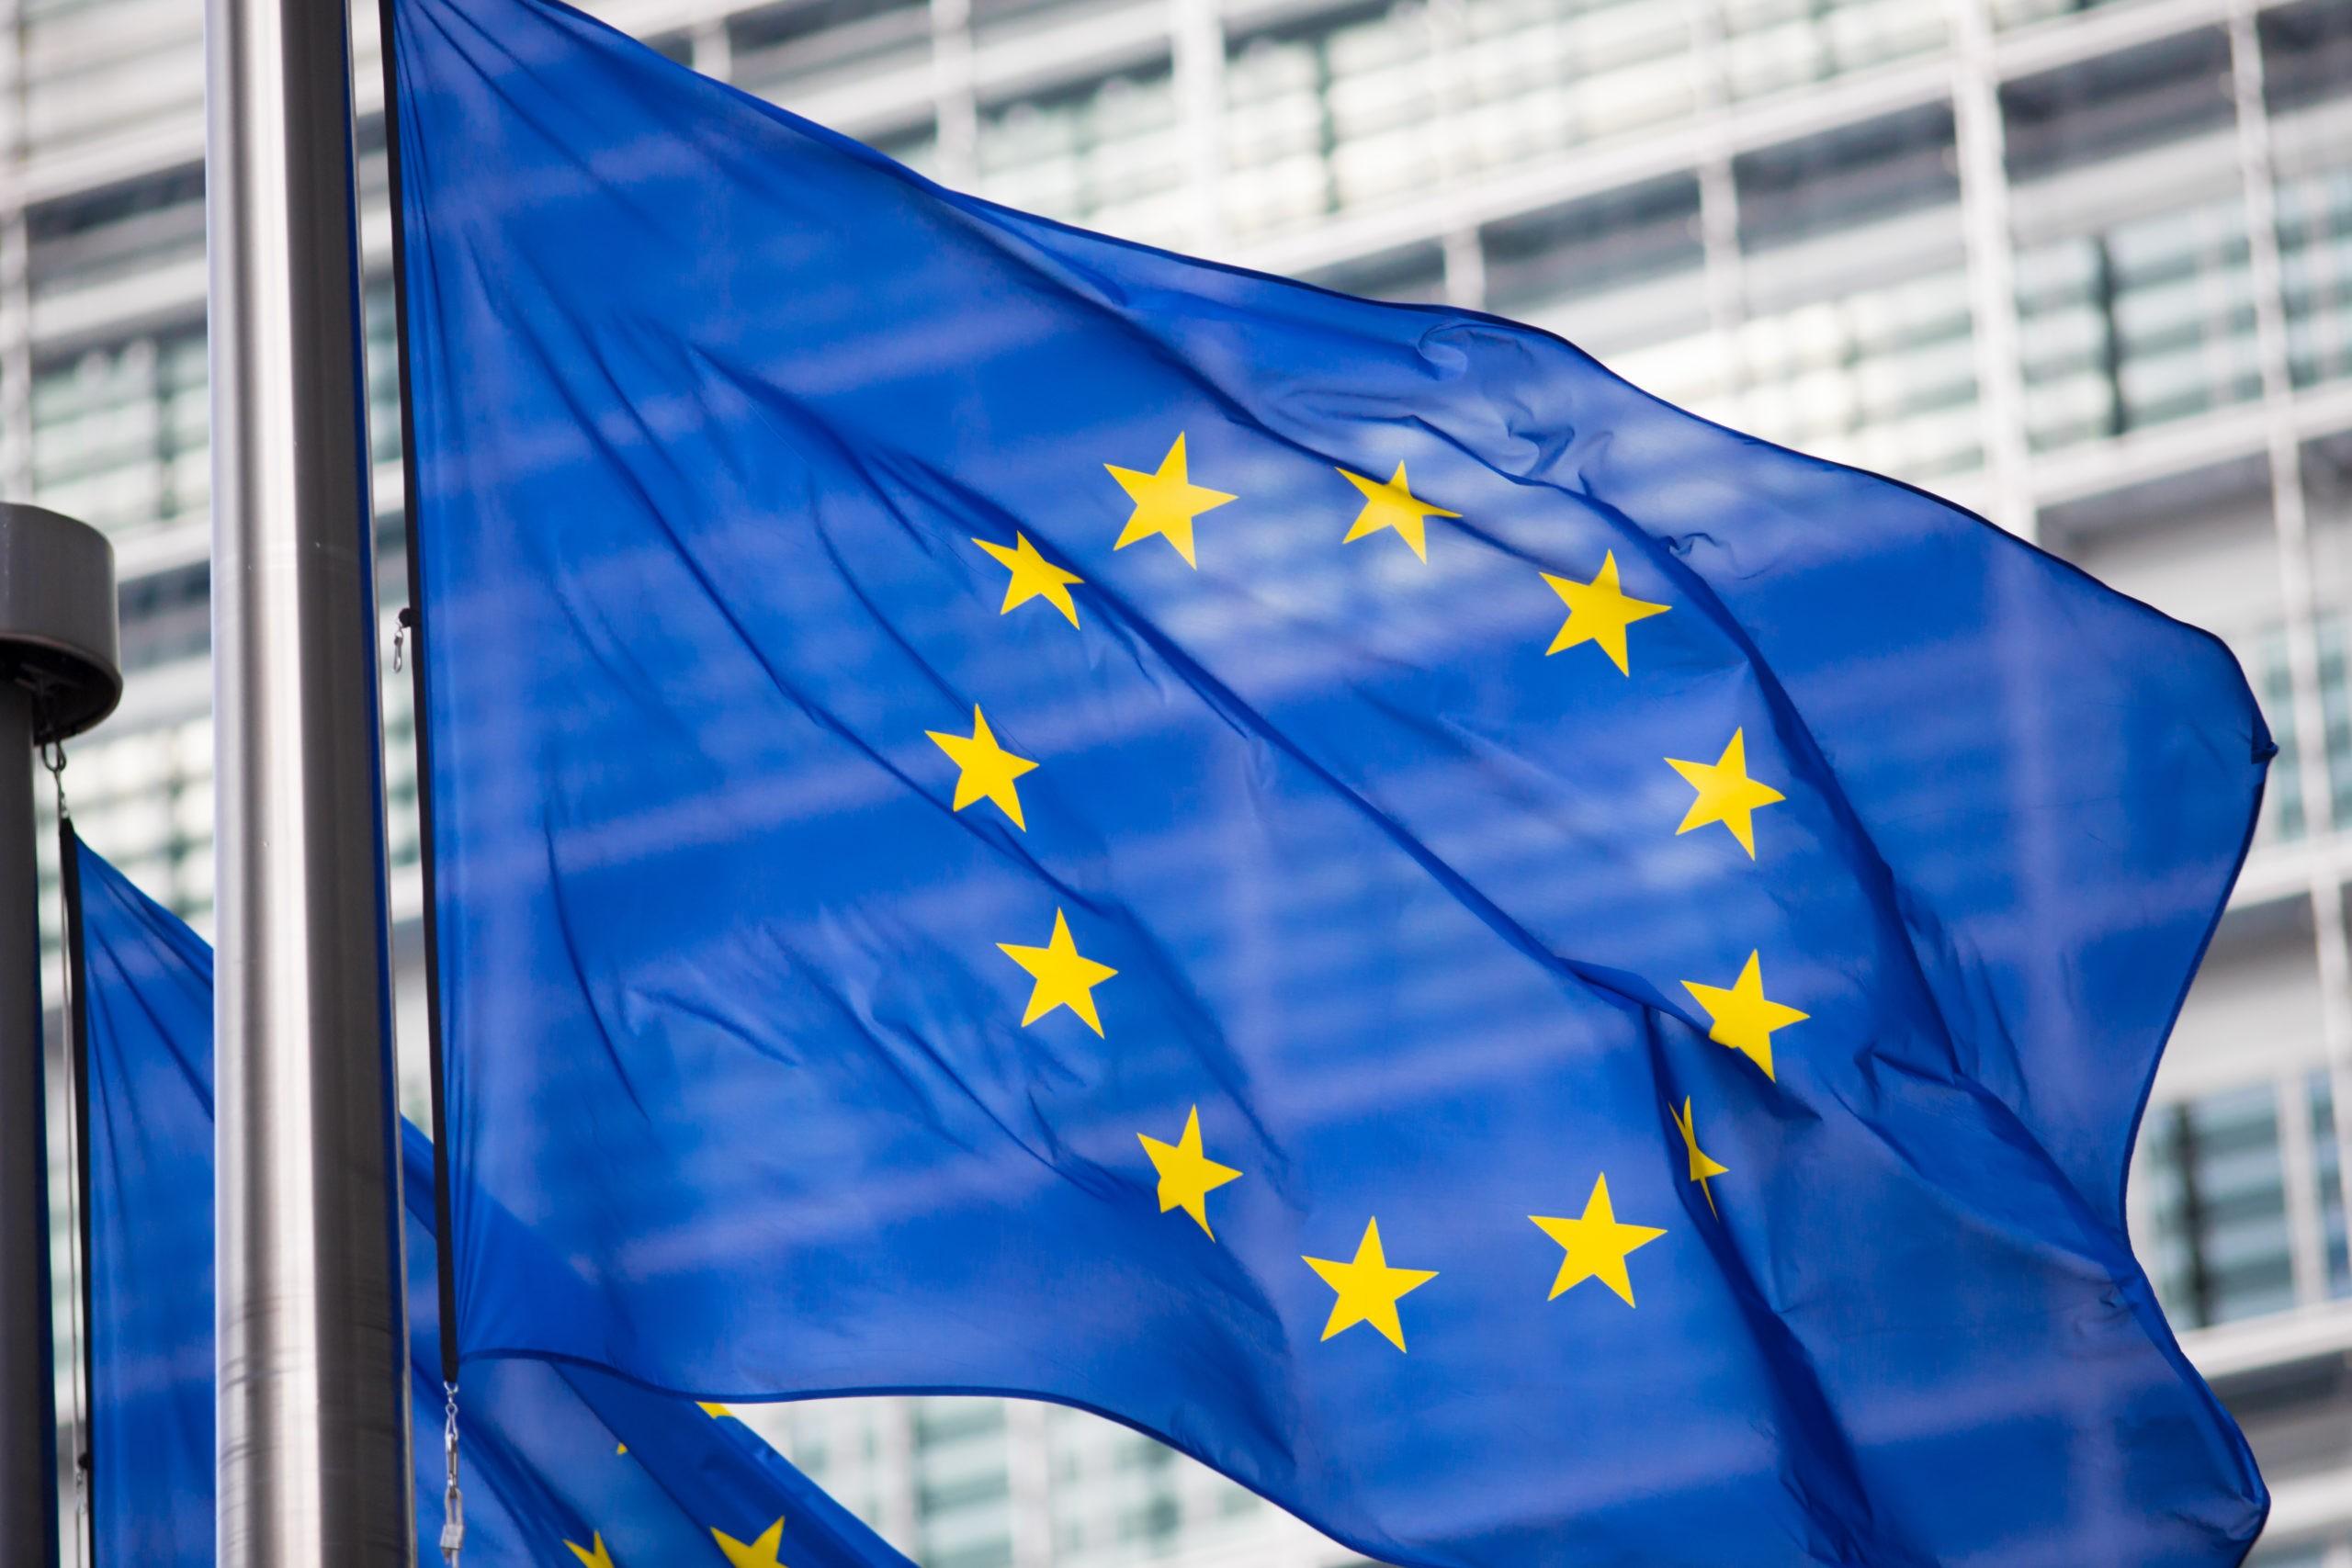 Droit voisin: les organisations professionnelles de presse, dont la FNPS, en appellent à ne pas s'écarter du texte du Parlement européen voté le 12 septembre dernier